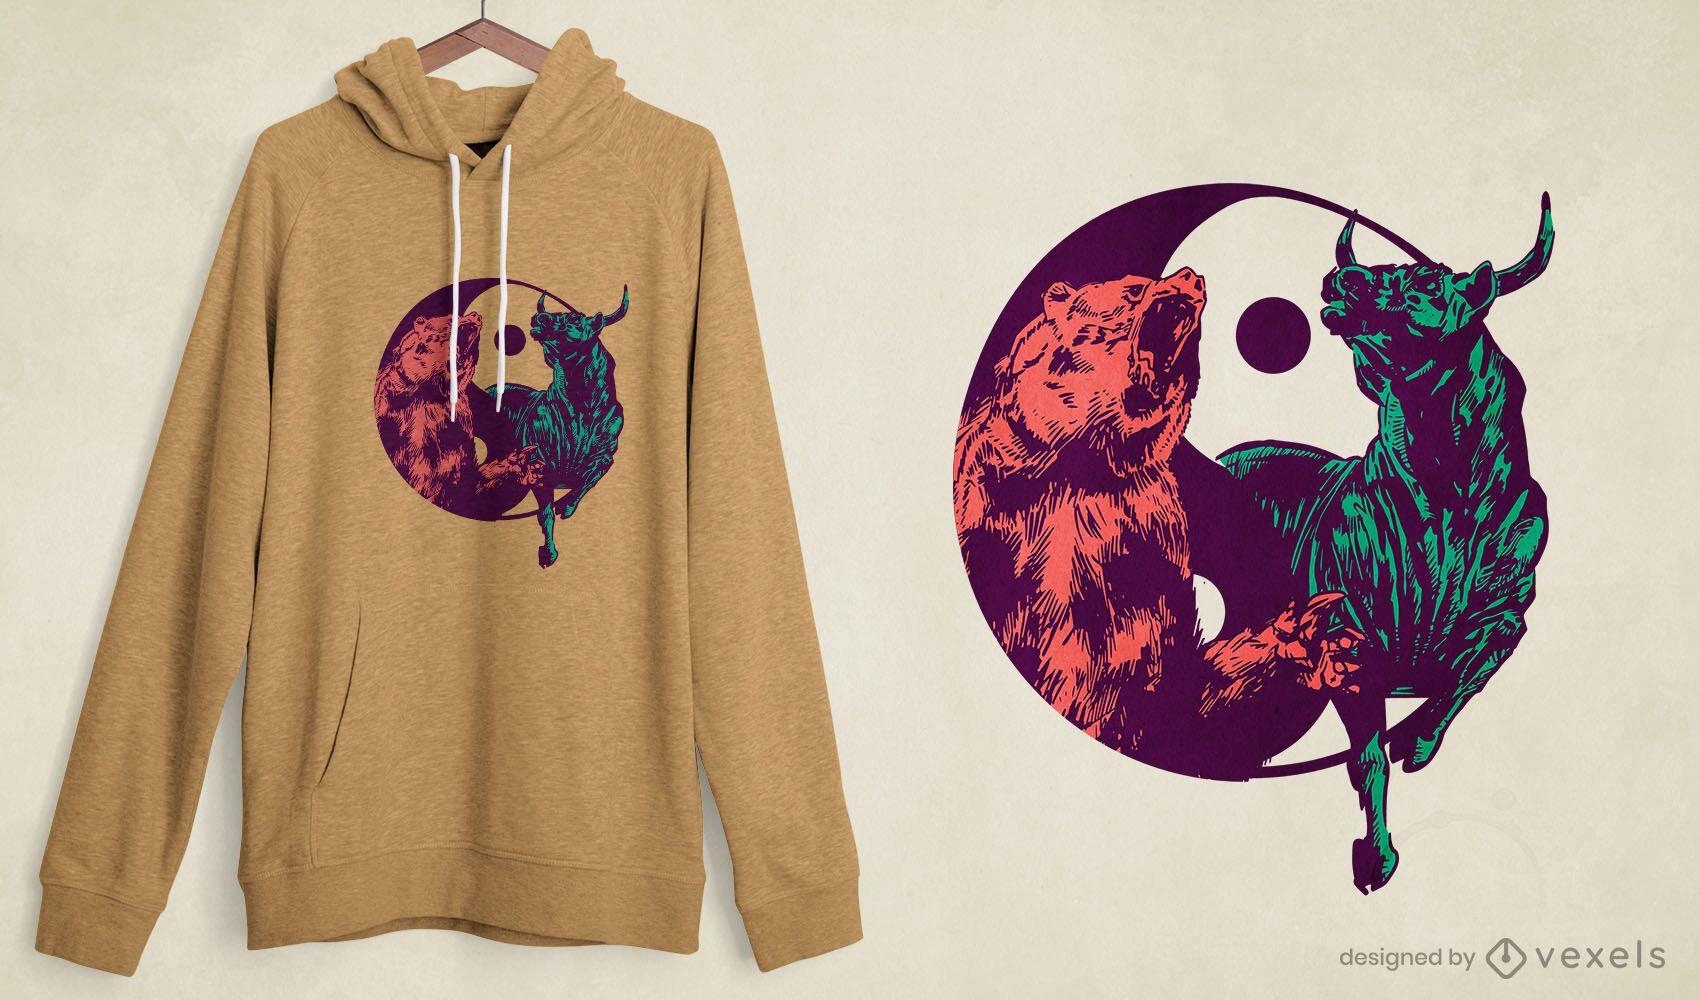 Dise?o de camiseta de oso toro yin yang